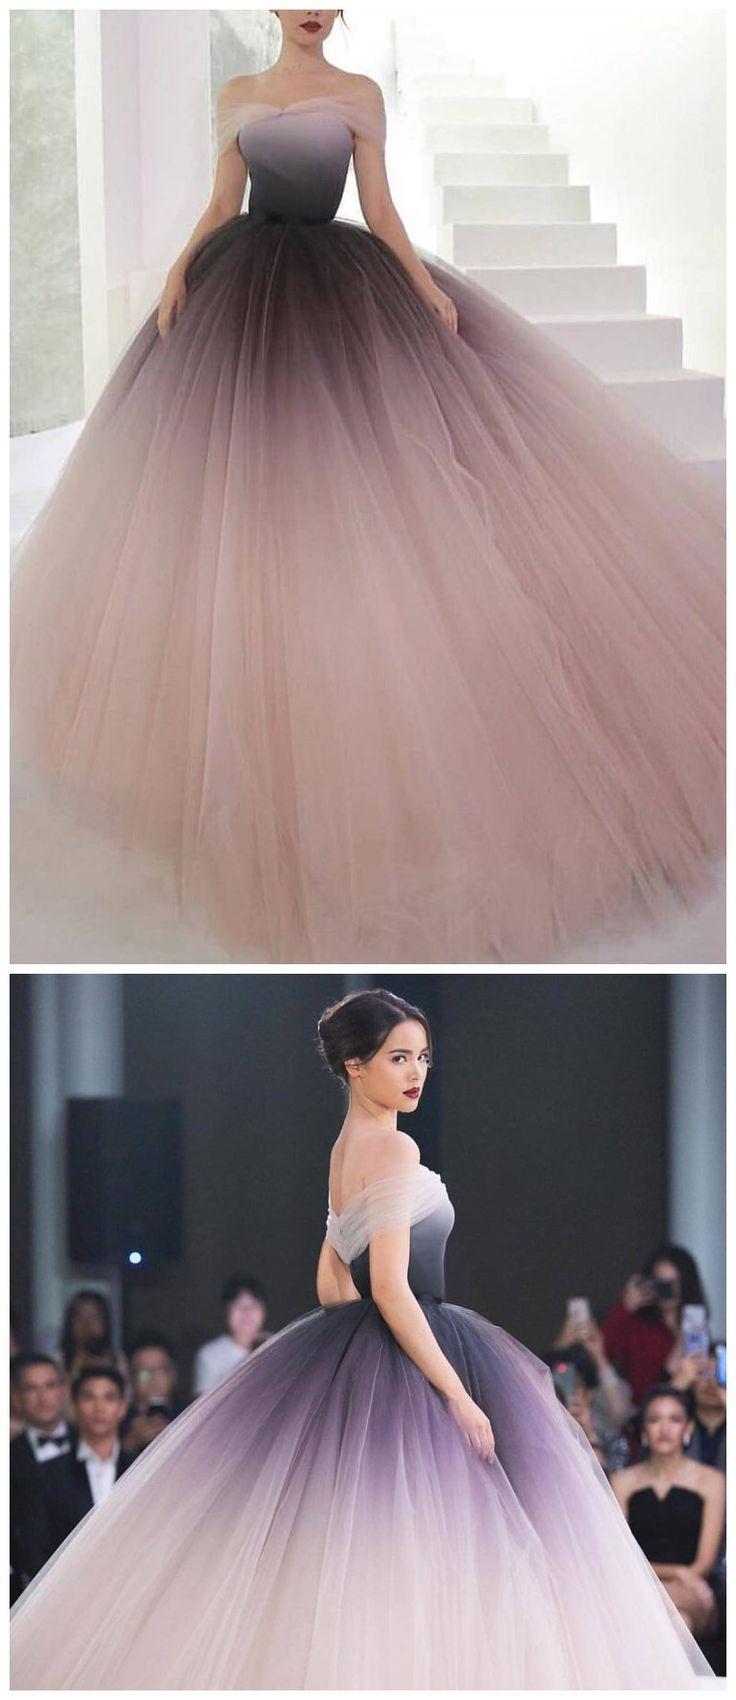 Schulterfrei Ombre Prom Dresses Einzigartige Ballkleid